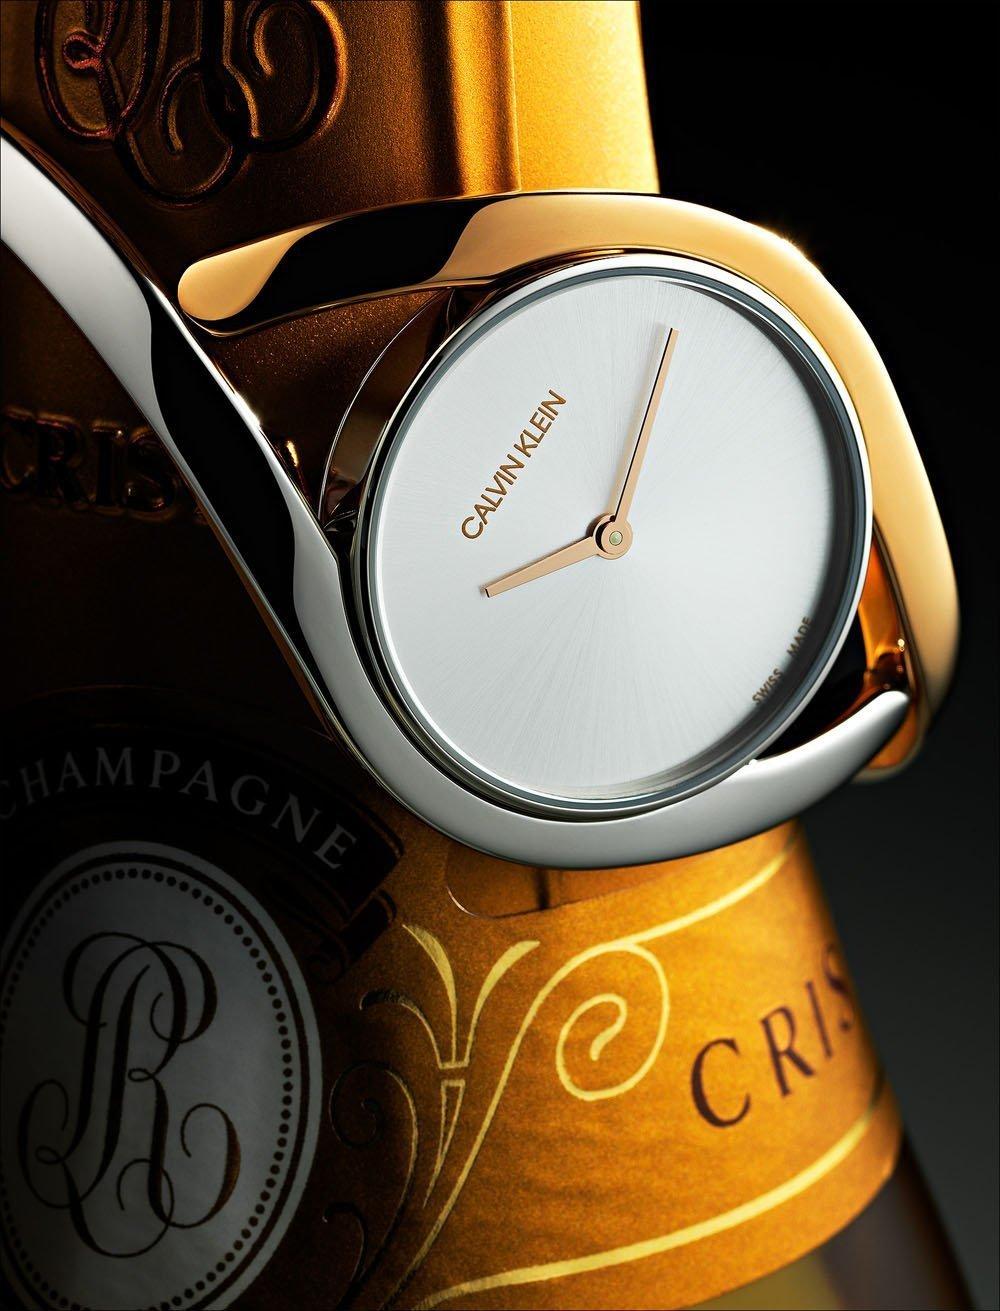 005-fotografo-still-life-orologi-gioielli